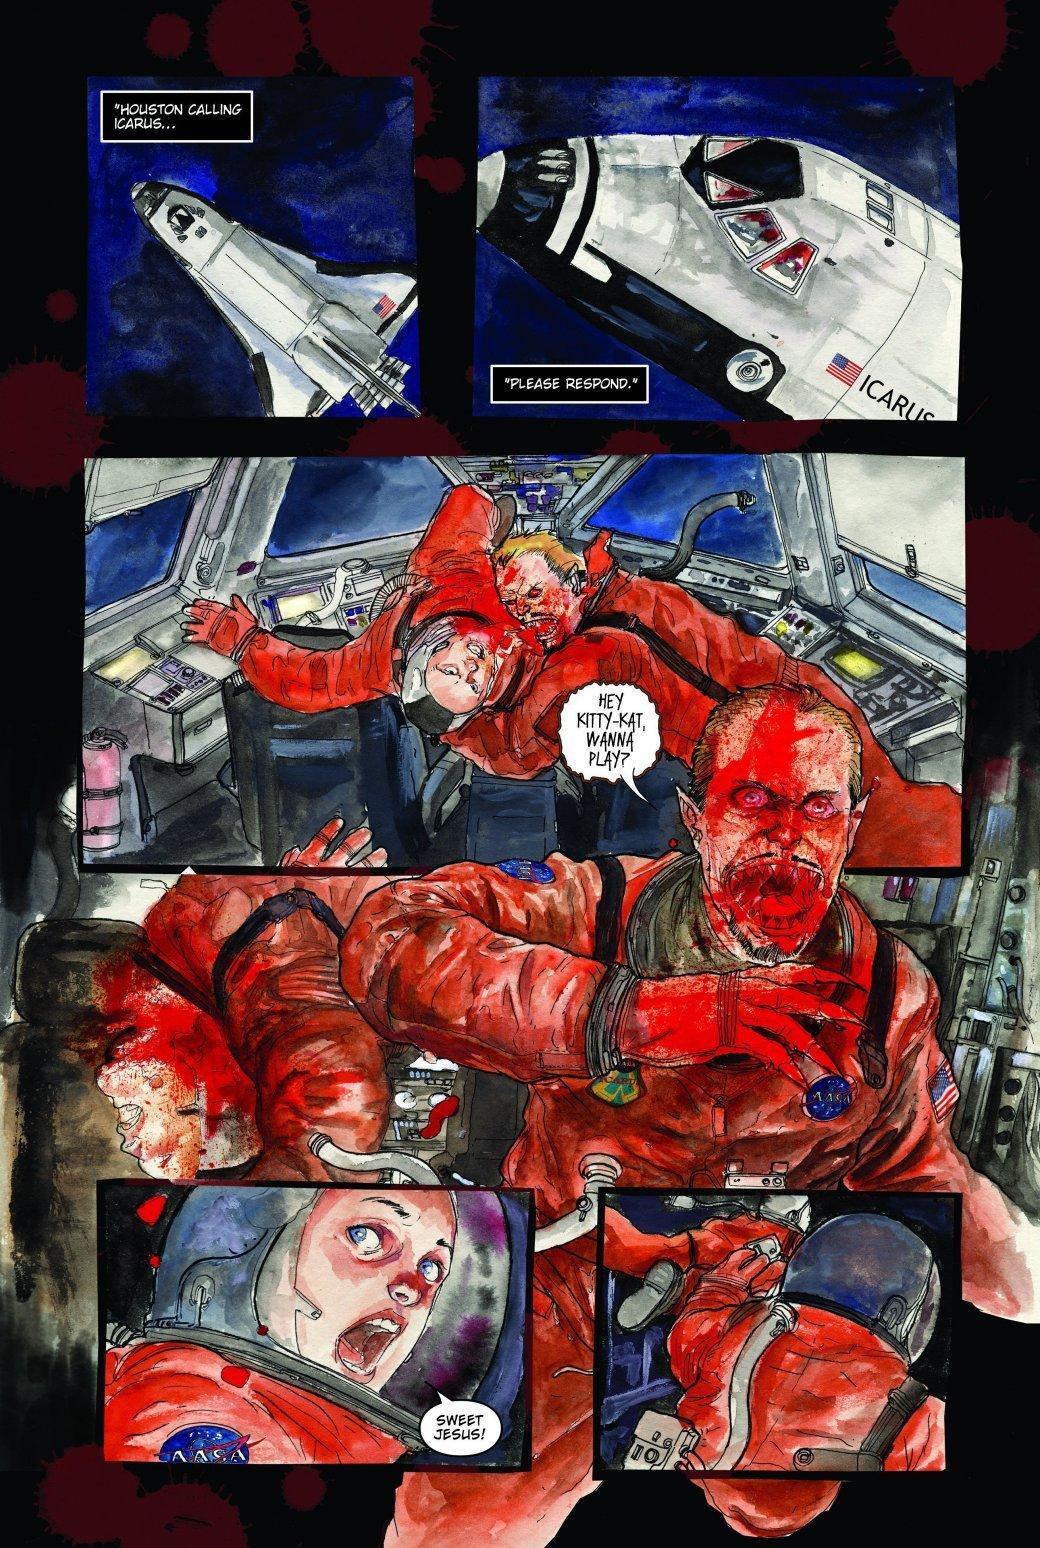 Самые жуткие комиксы про космос, которые вы только можете представить. - Изображение 4